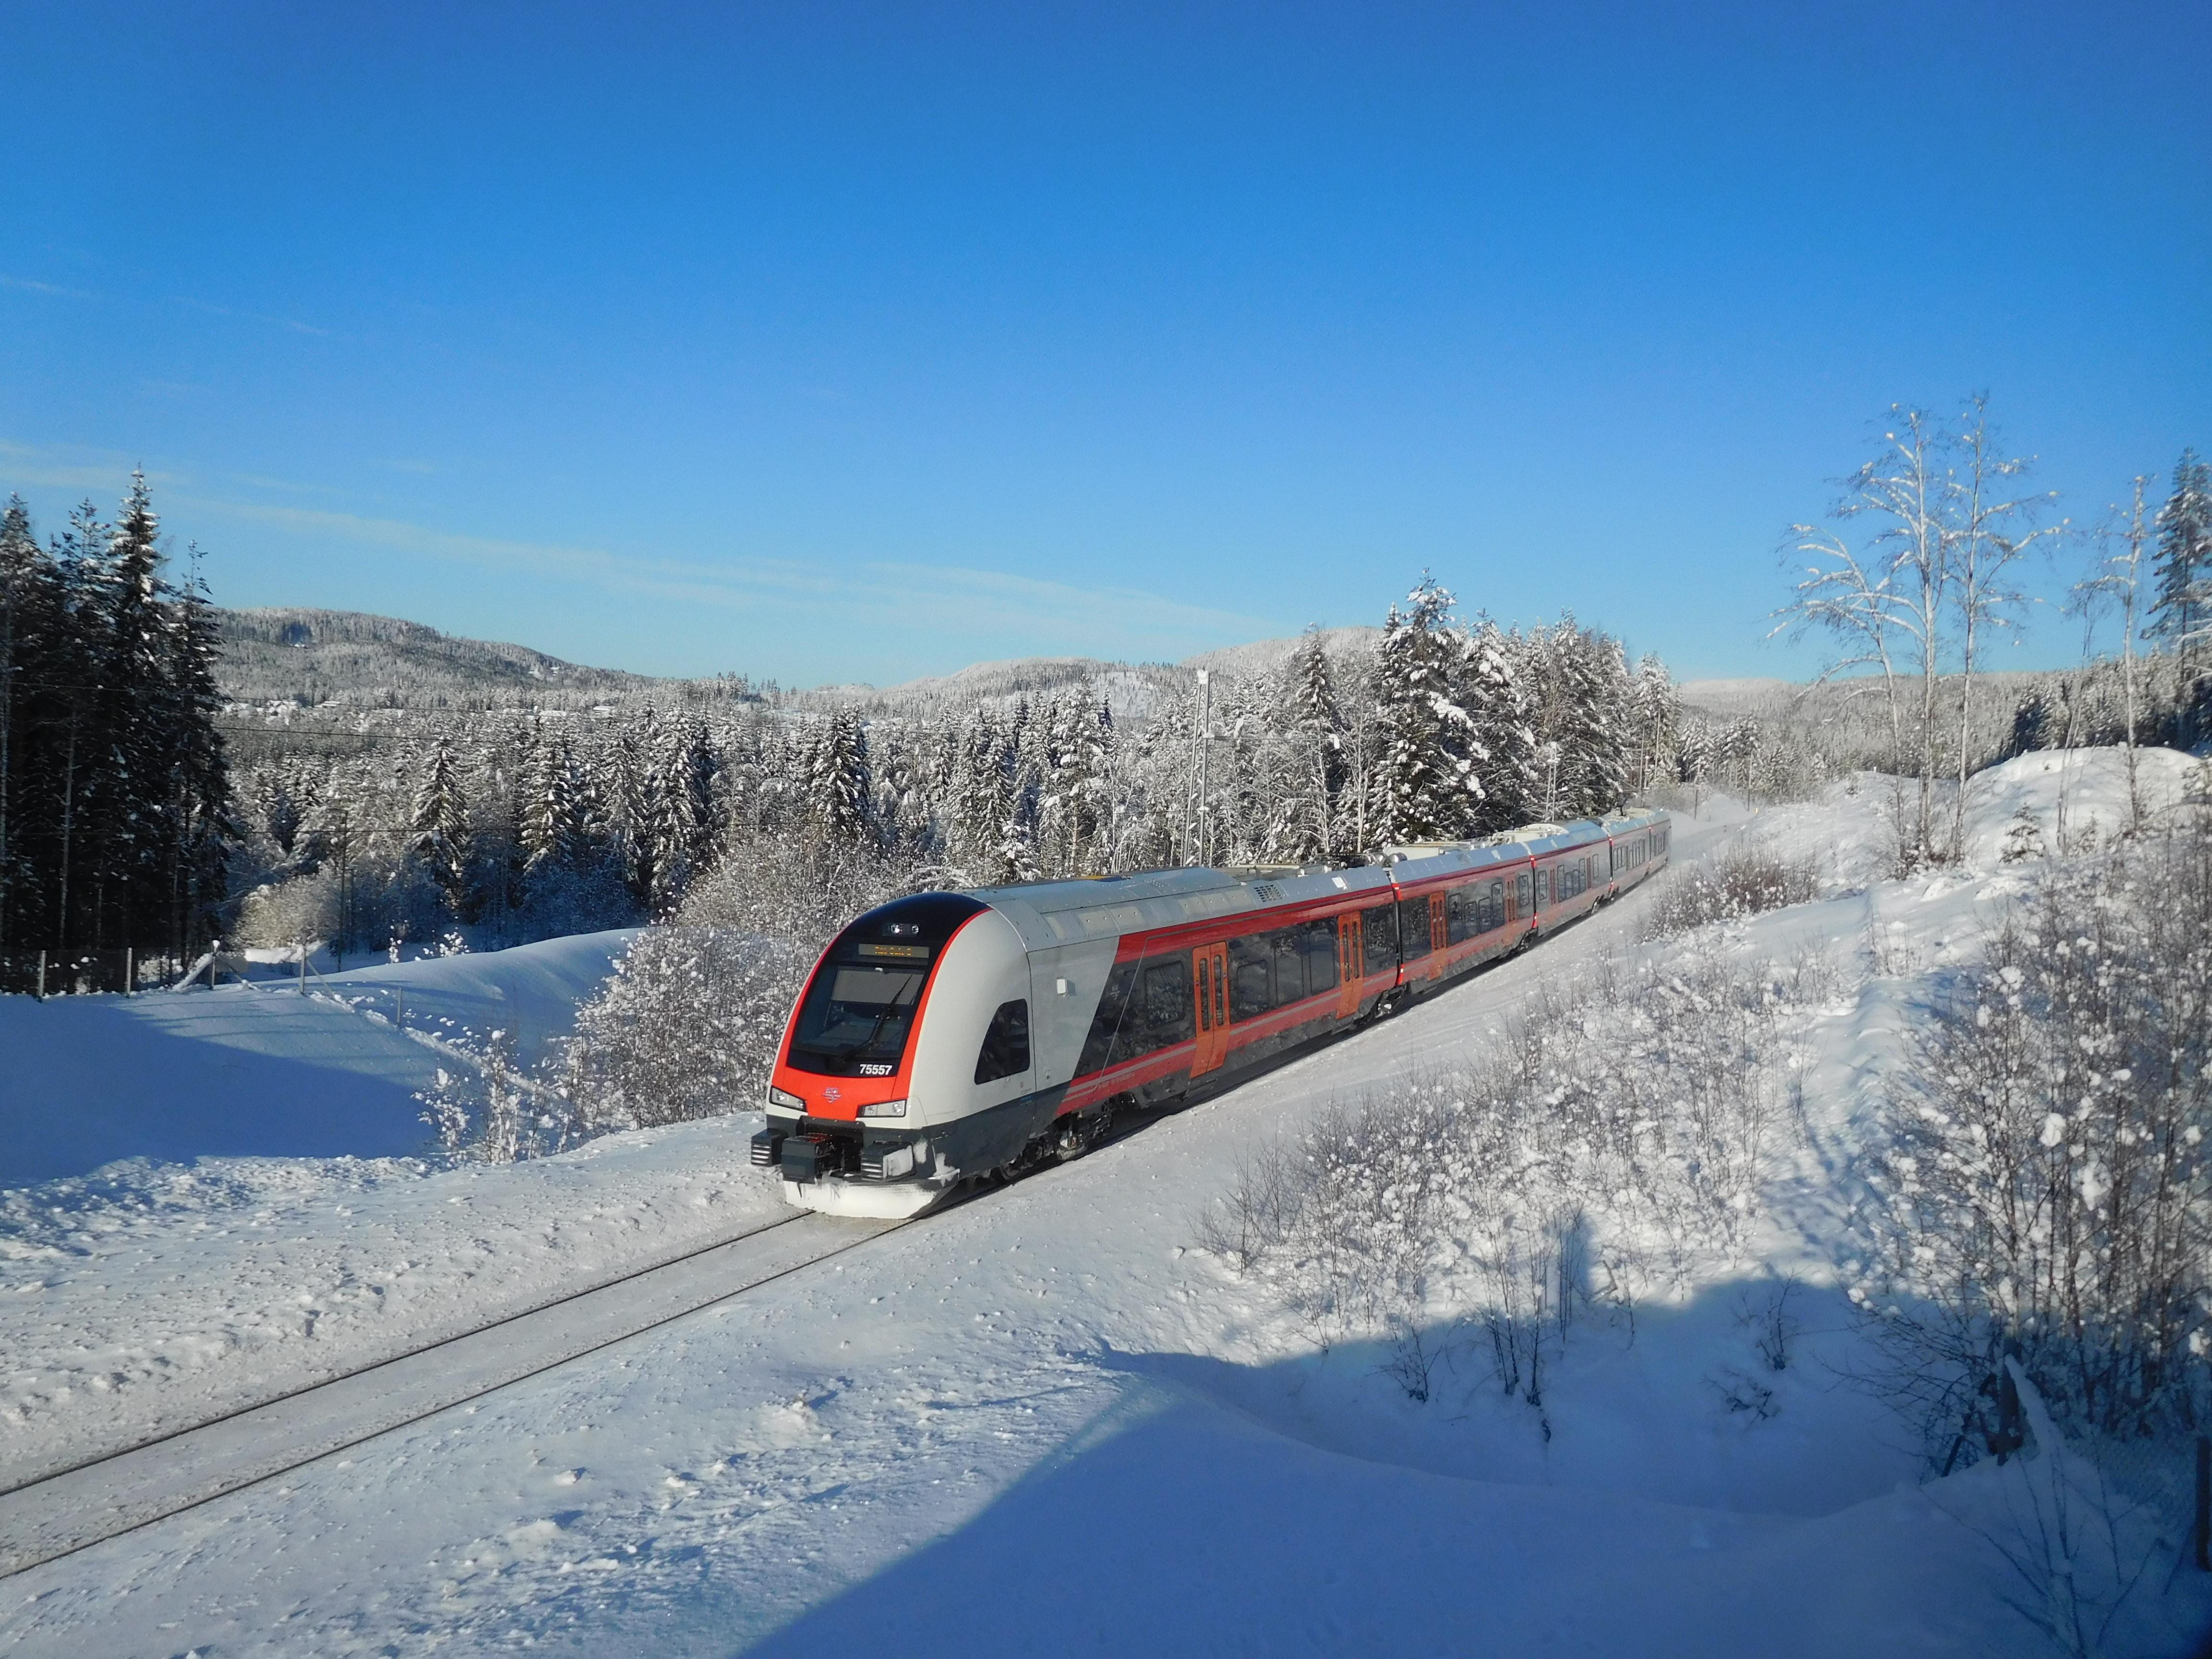 Die von Stadler Rail gefertigten Flirt-Triebzüge wie hier auf der Gjøvikbanen sind zum Flaggschiff des norwegischen Reisezugverkehrs geworden.Erland Rasten).